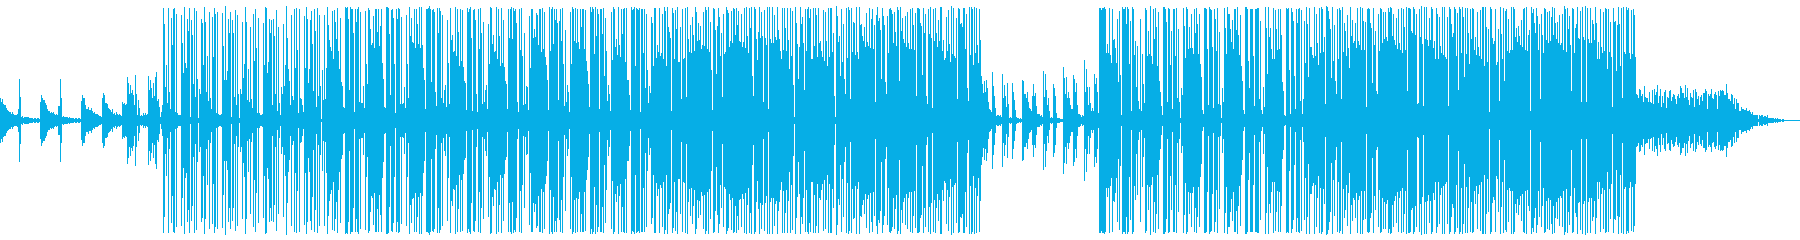 怪しい 深夜 トラップビートの再生済みの波形